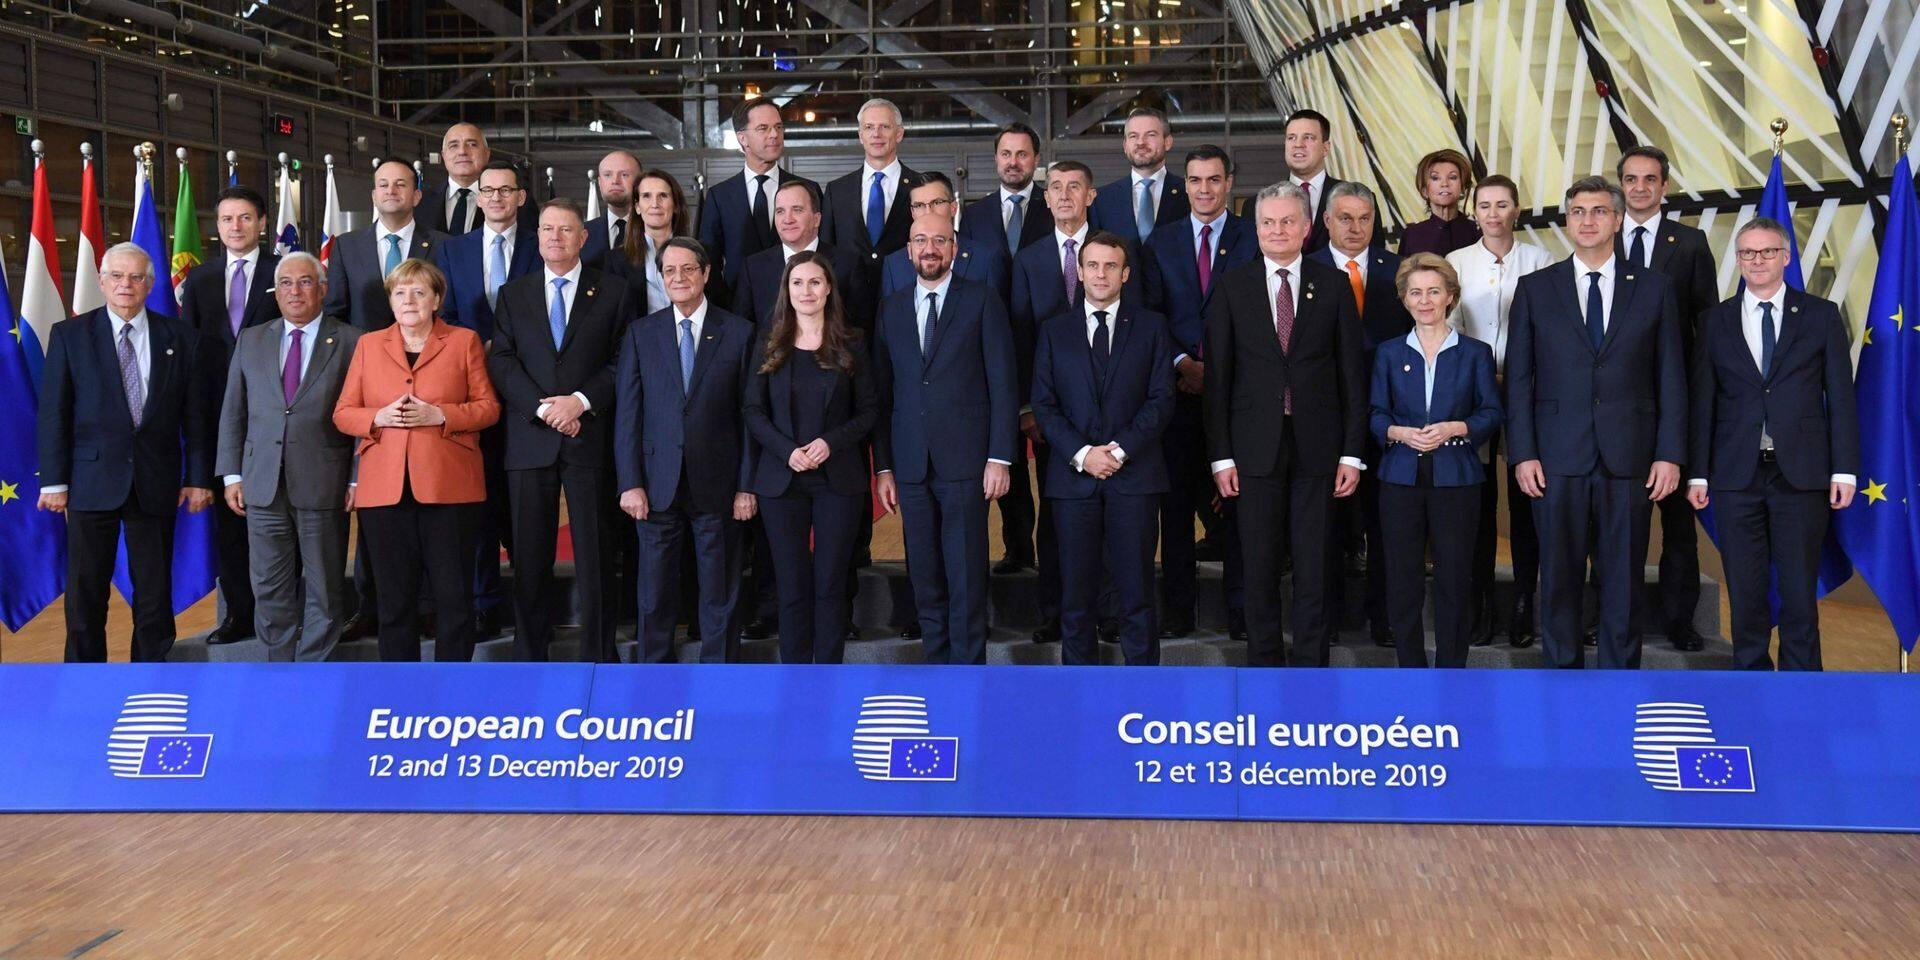 La situation de l'état de droit à Malte? Ce n'est pas à l'agenda du sommet européen,...